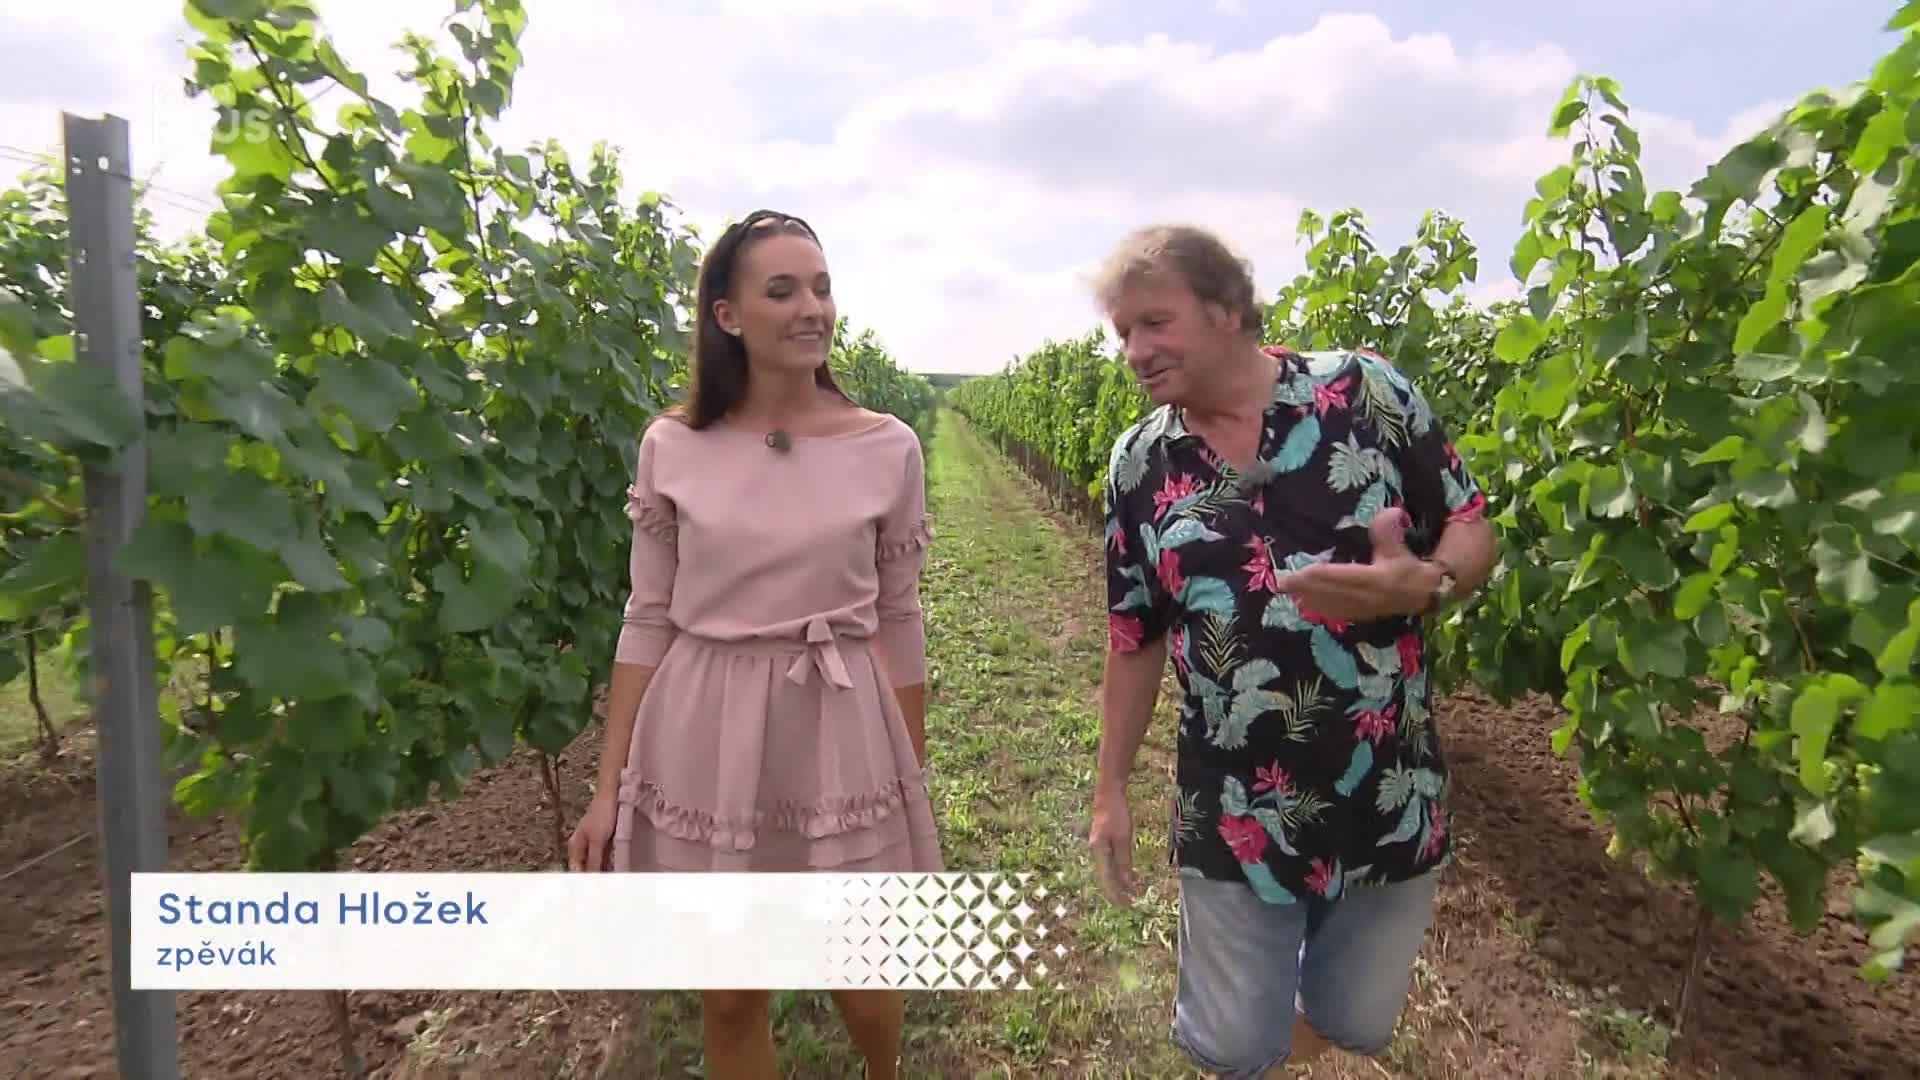 Posezení ve sklípku. Standa Hložek zahájil s kamarády začátek vinařské sezóny